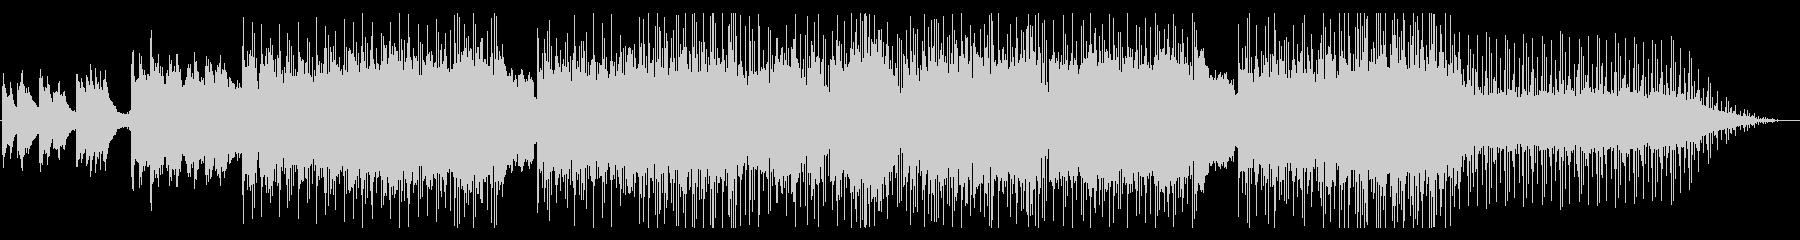 奥行きのあるニューエイジ・ピアノバラードの未再生の波形